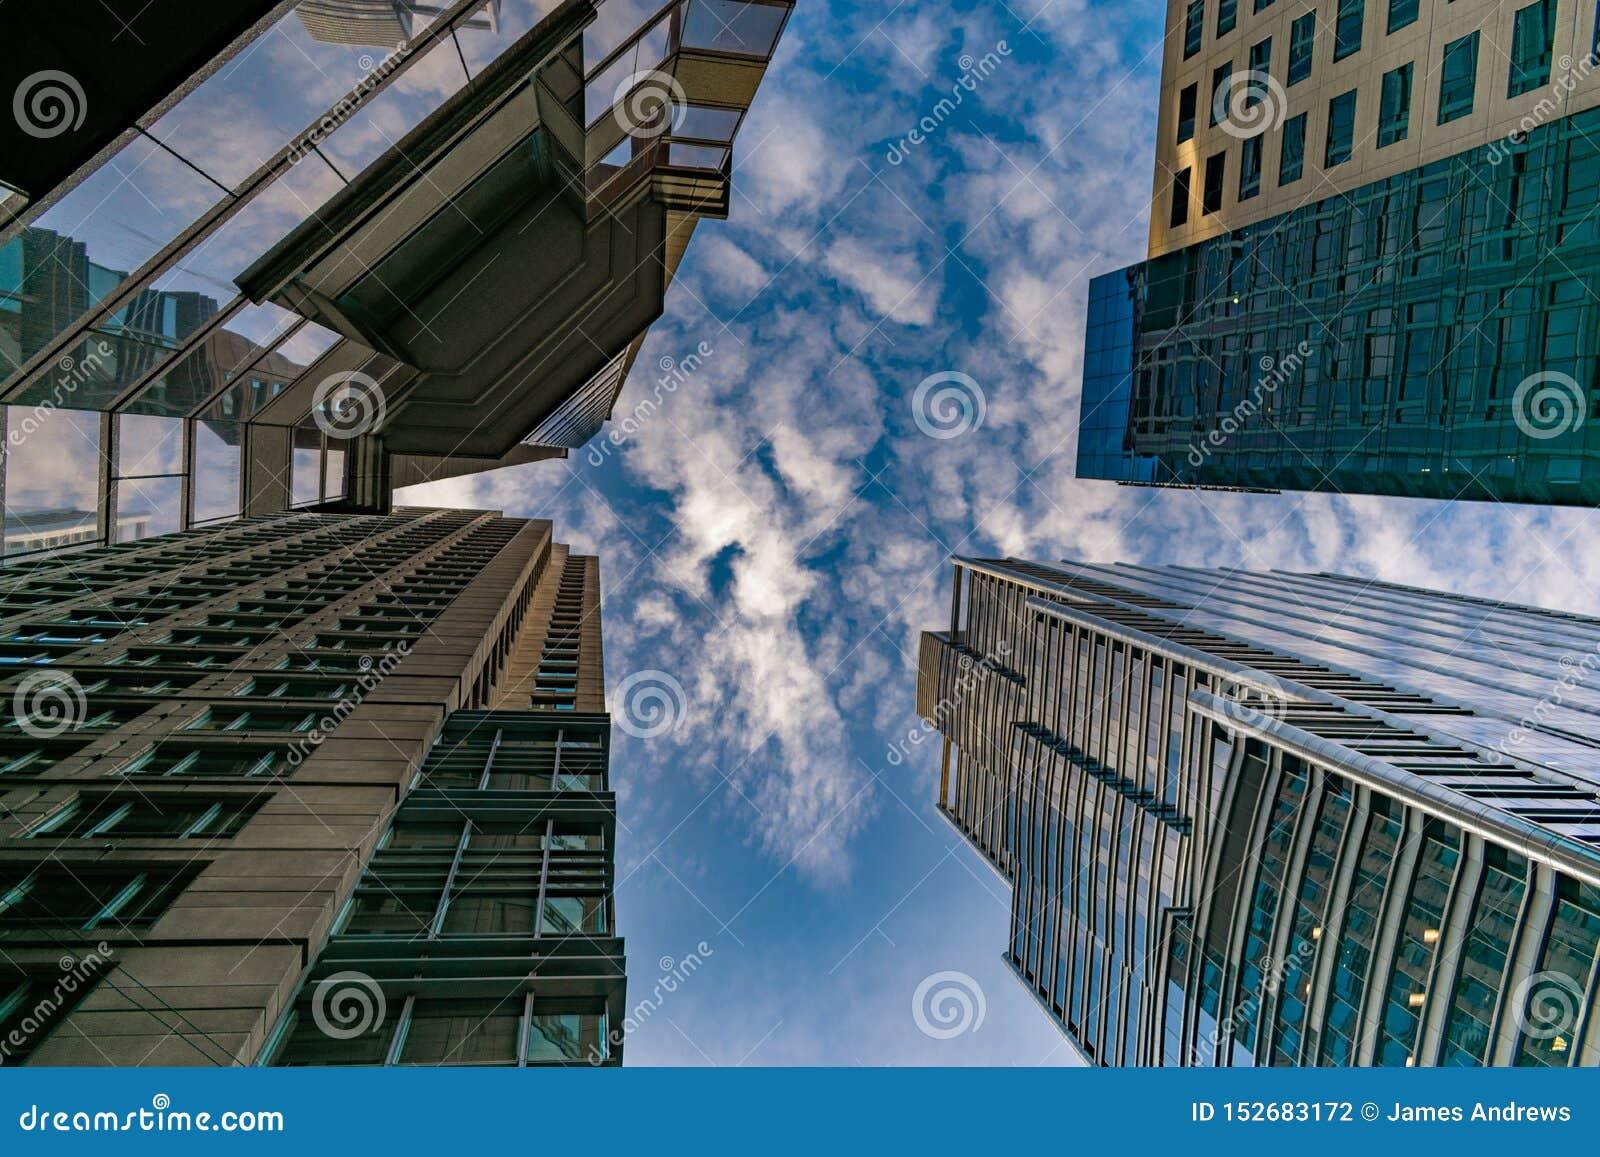 Wolkenkratzer in im Stadtzentrum gelegenem Chicago, das oben in Richtung des Himmels mit Wolken blickt